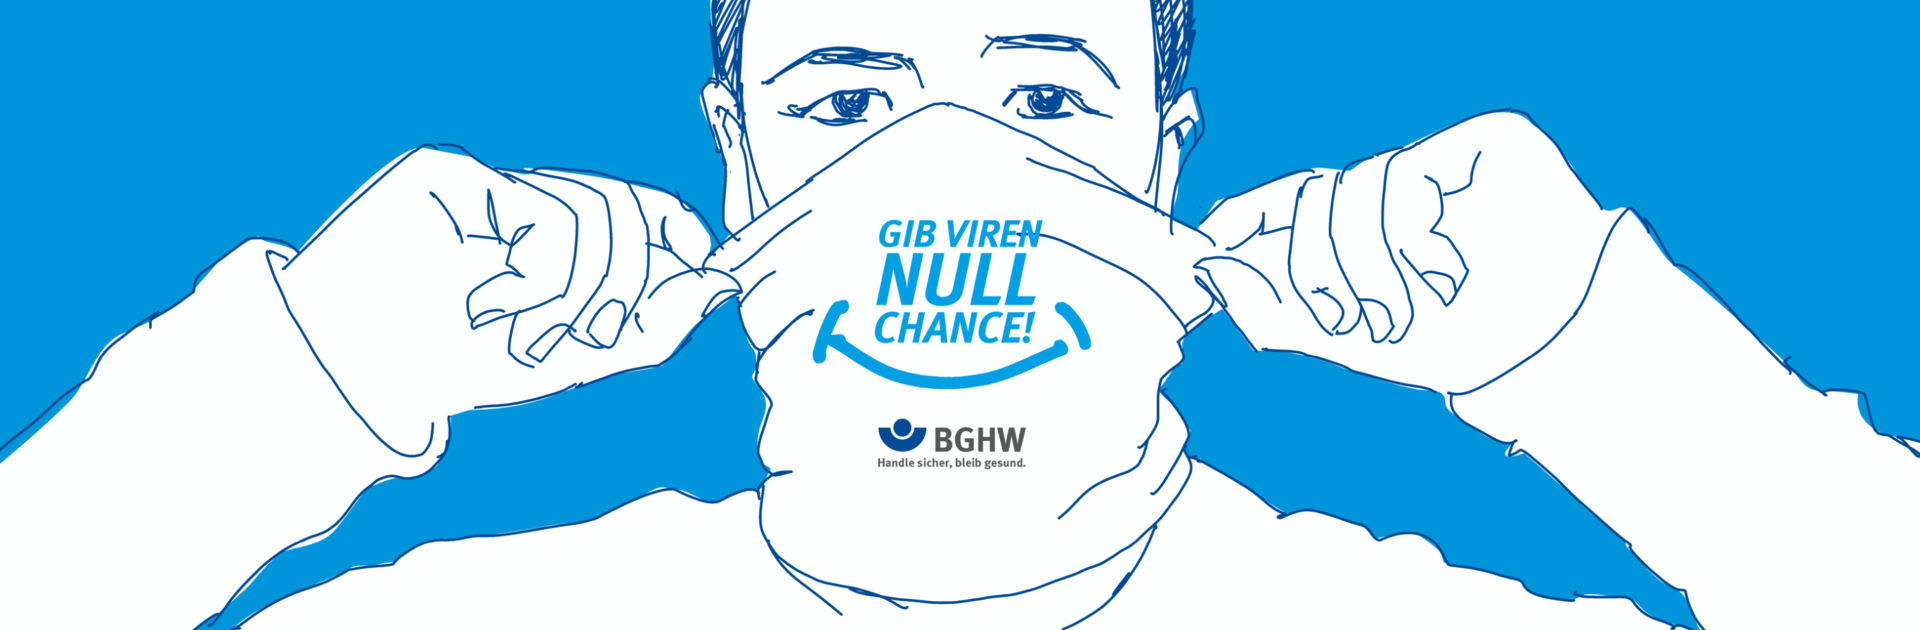 BGHW Gib Viren null Chance Webdesign Kampagnenmotiv Keyvisual